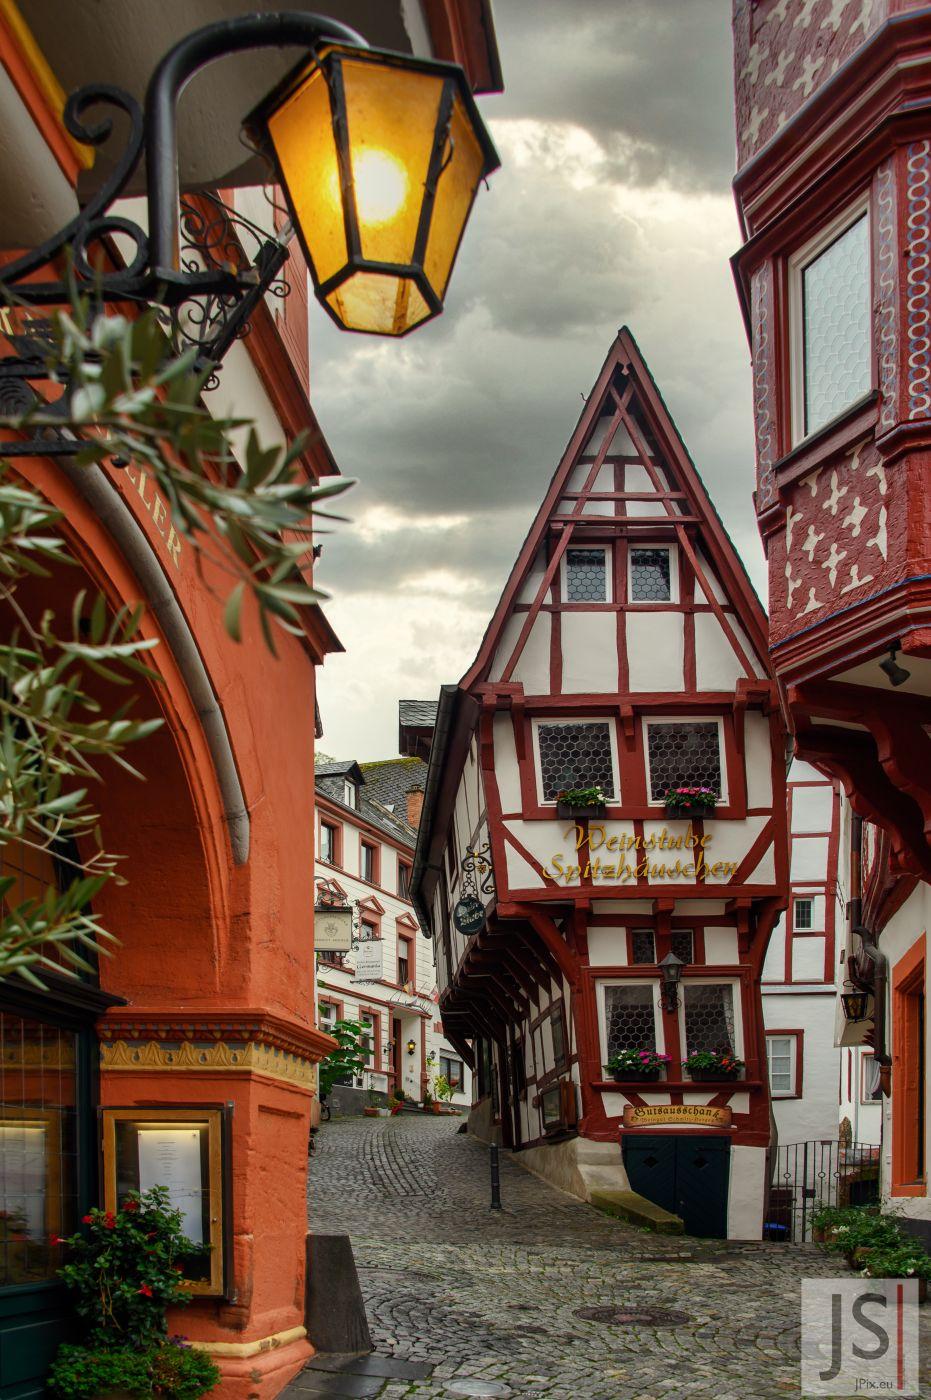 Das Spitzhäuschen, Bernkastel-Kues, Germany